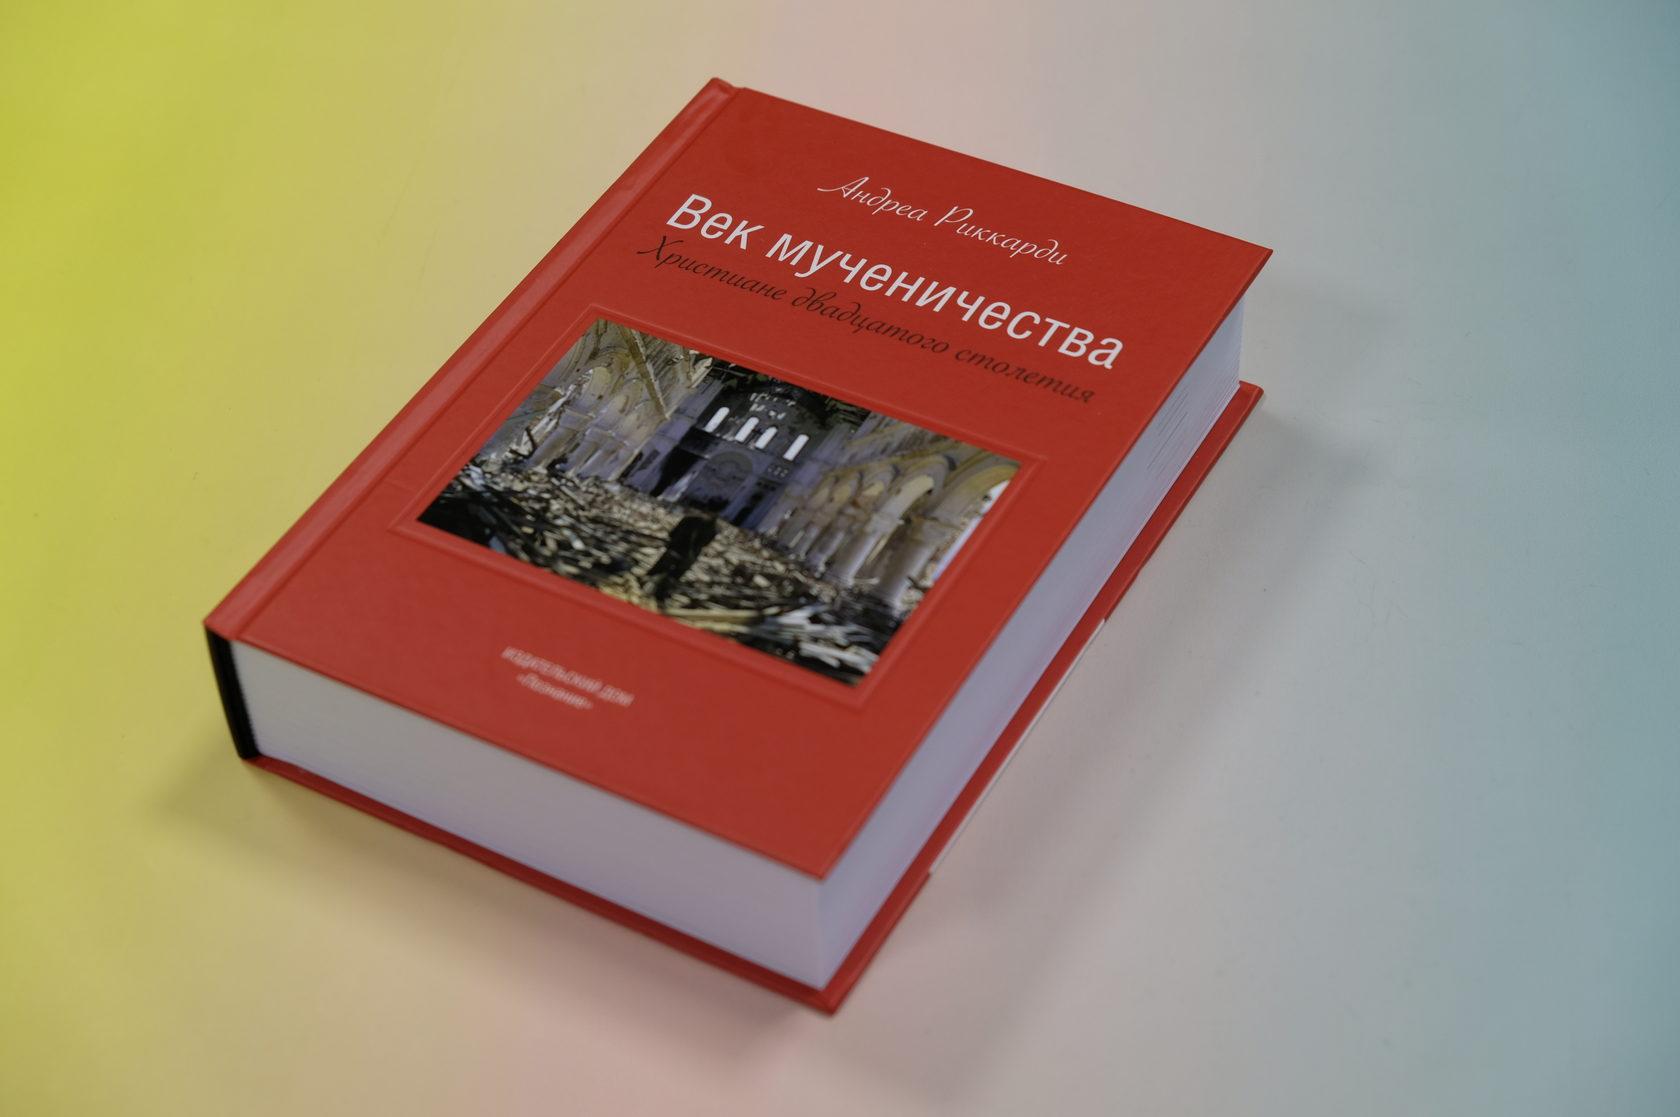 Купить книгу Андреа Риккарди «Век мученичества. Христиане двадцатого столетия»